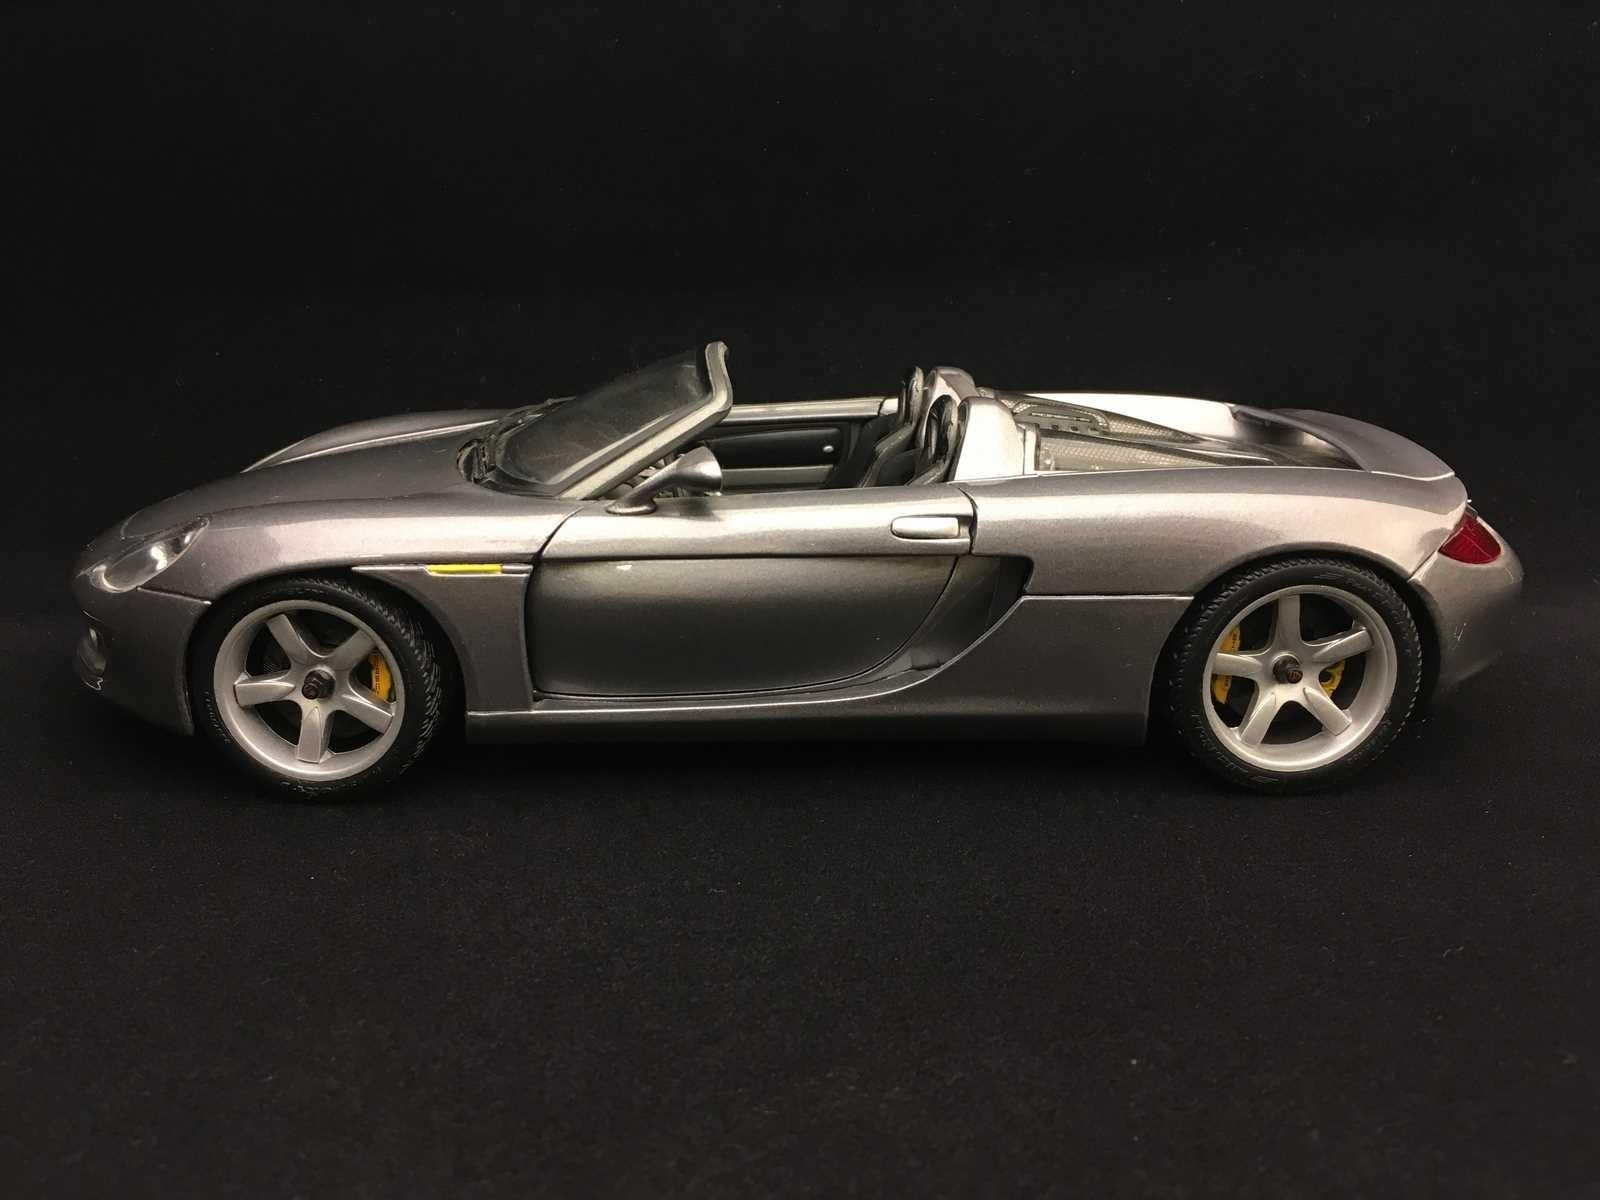 Porsche Carrera Gt 2003 Grey 1 18 Maisto 36622 Selection Rs